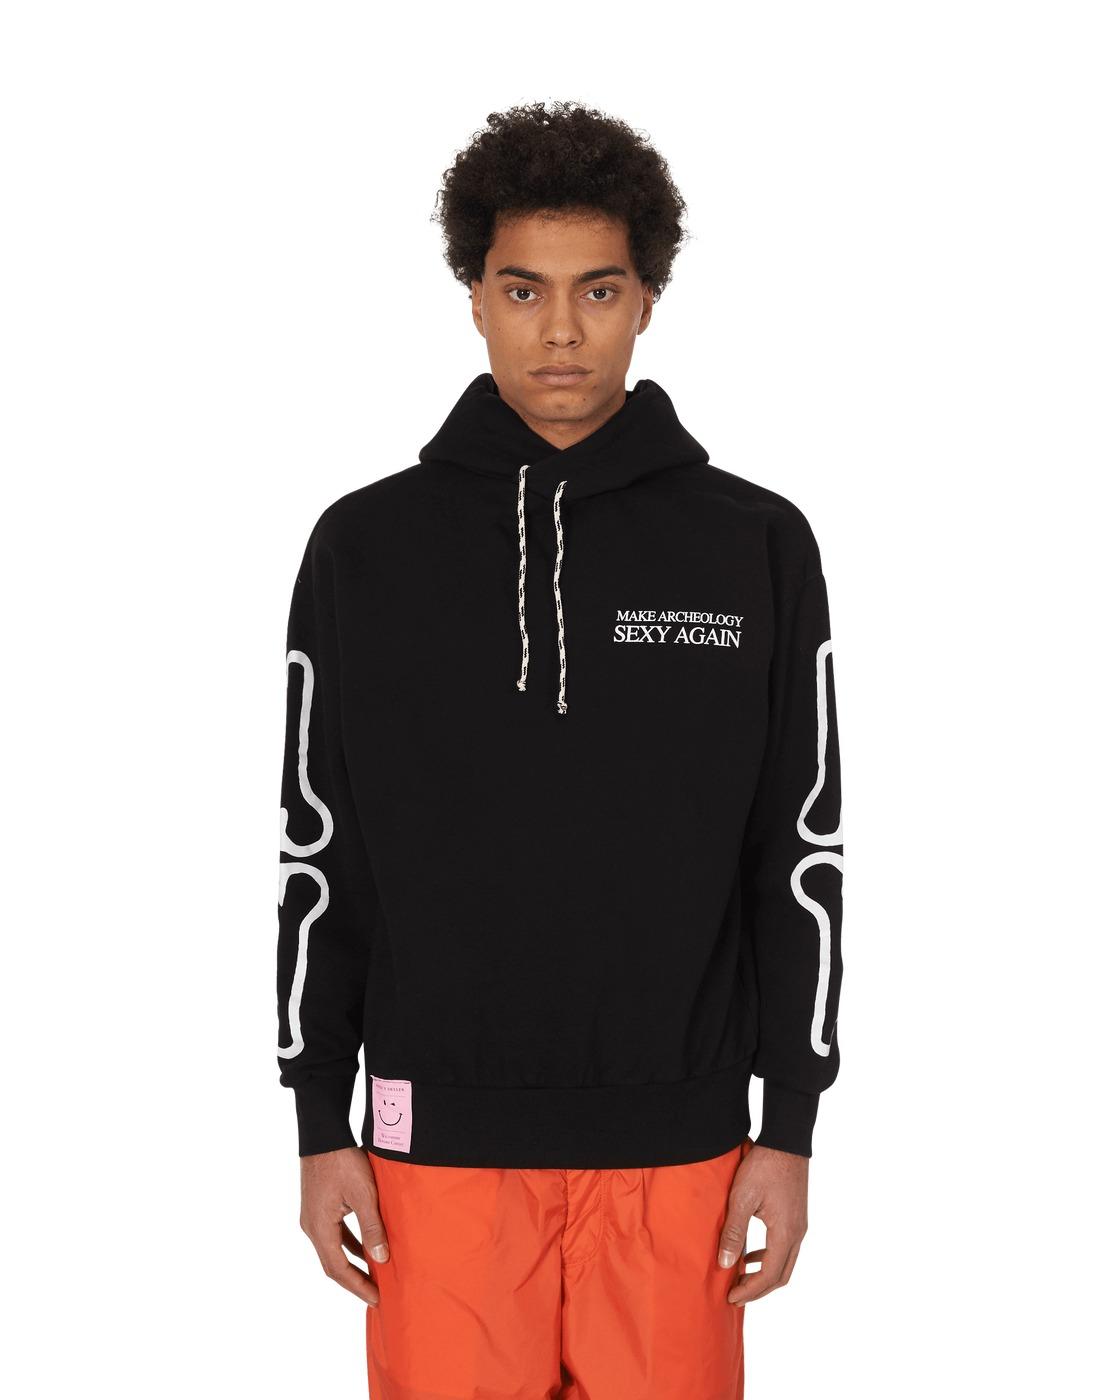 Aries The Incredible Cag Hooded Sweatshirt Black